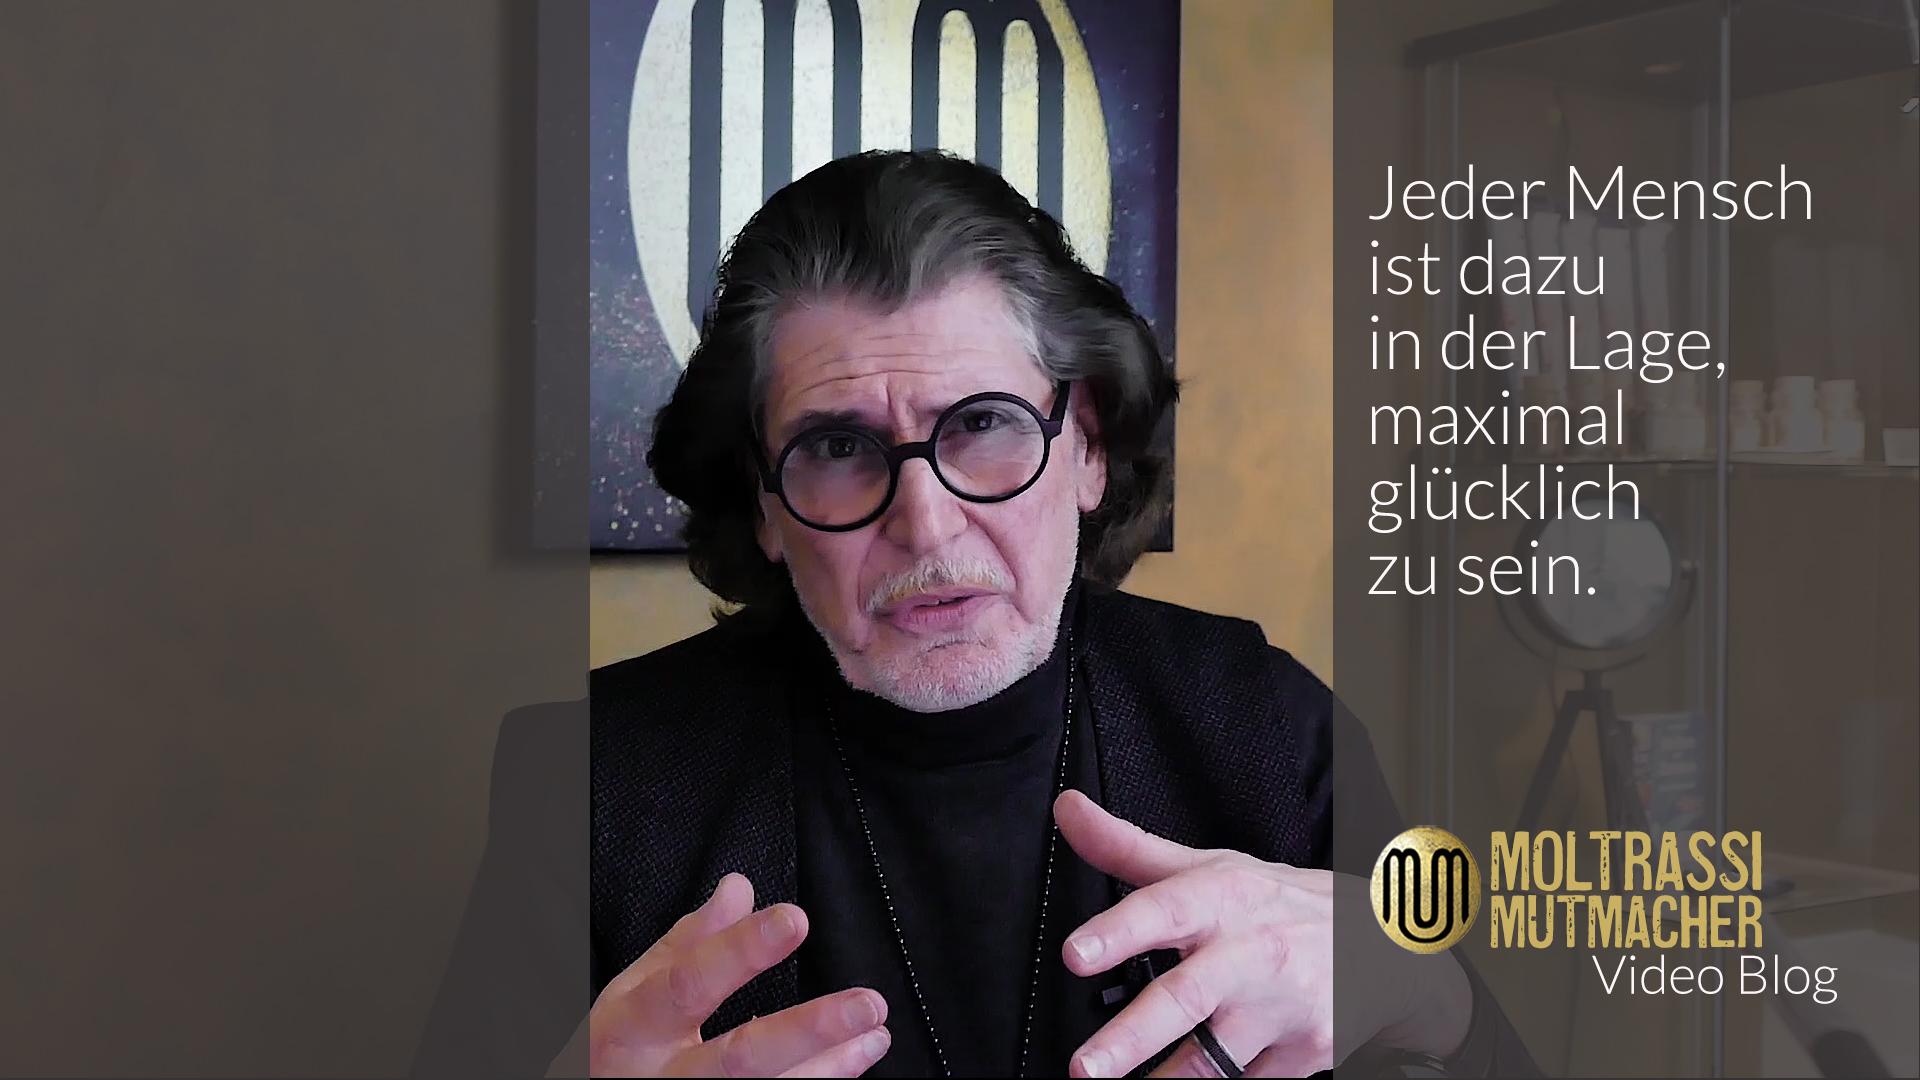 Videoblog: DER WEG ZU DEINEM GLÜCK